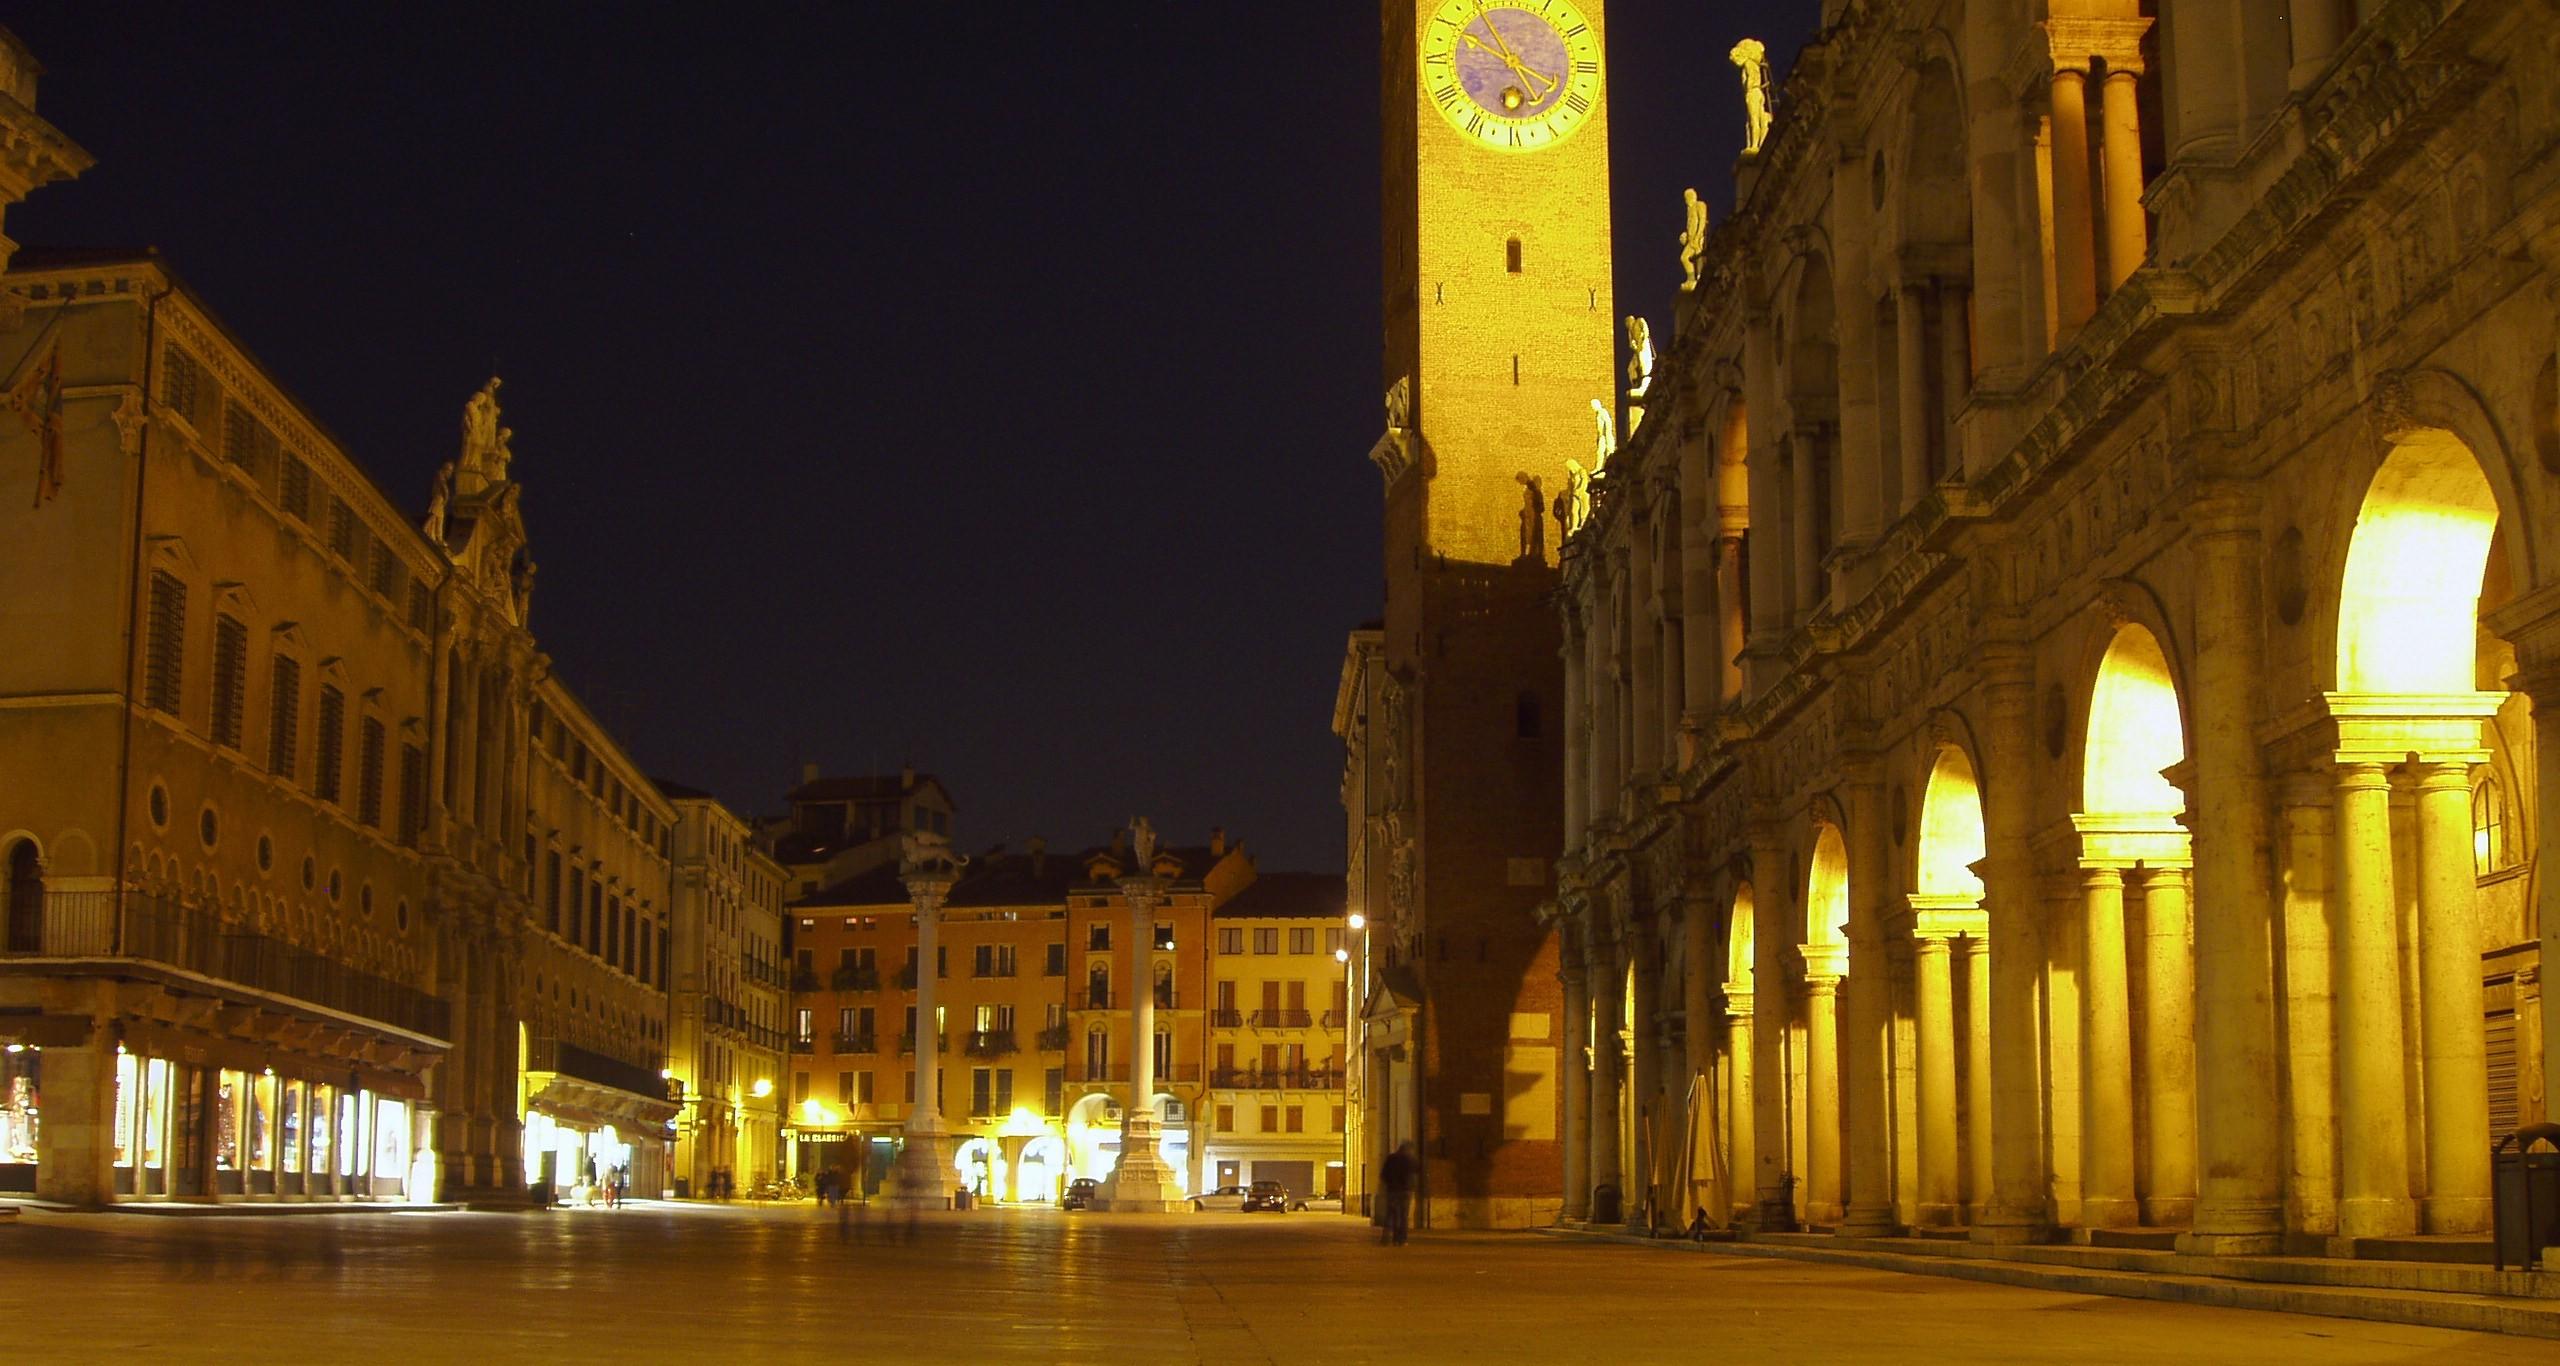 Notturno: Piazza dei Signori, Vicenza